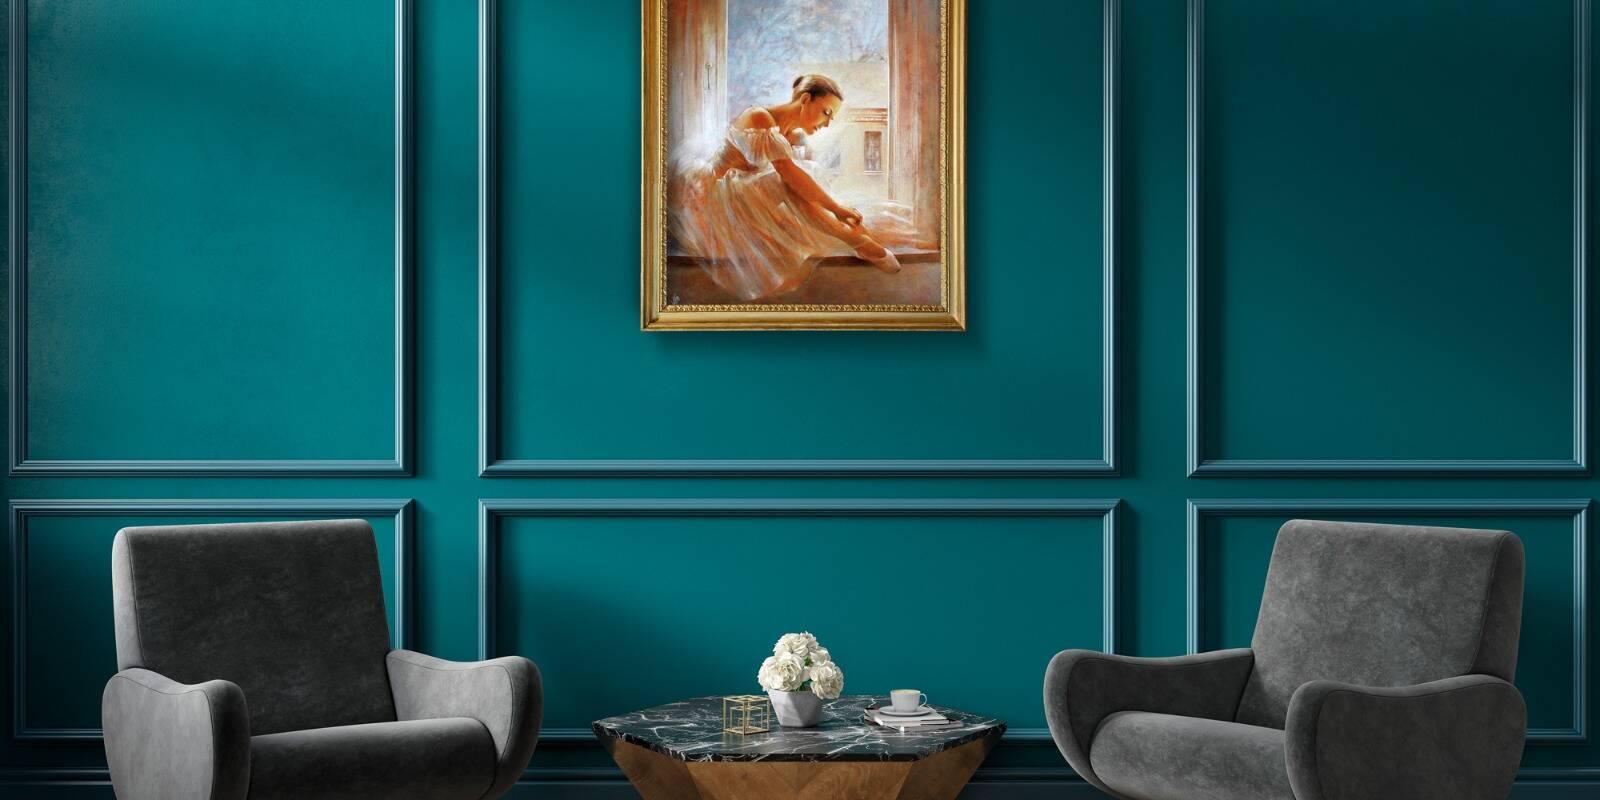 Iti doresti o casa eleganta? Afla cum imbinare tablouri pictate manual si pachetul Chevron contribuie la un aspect clasic.